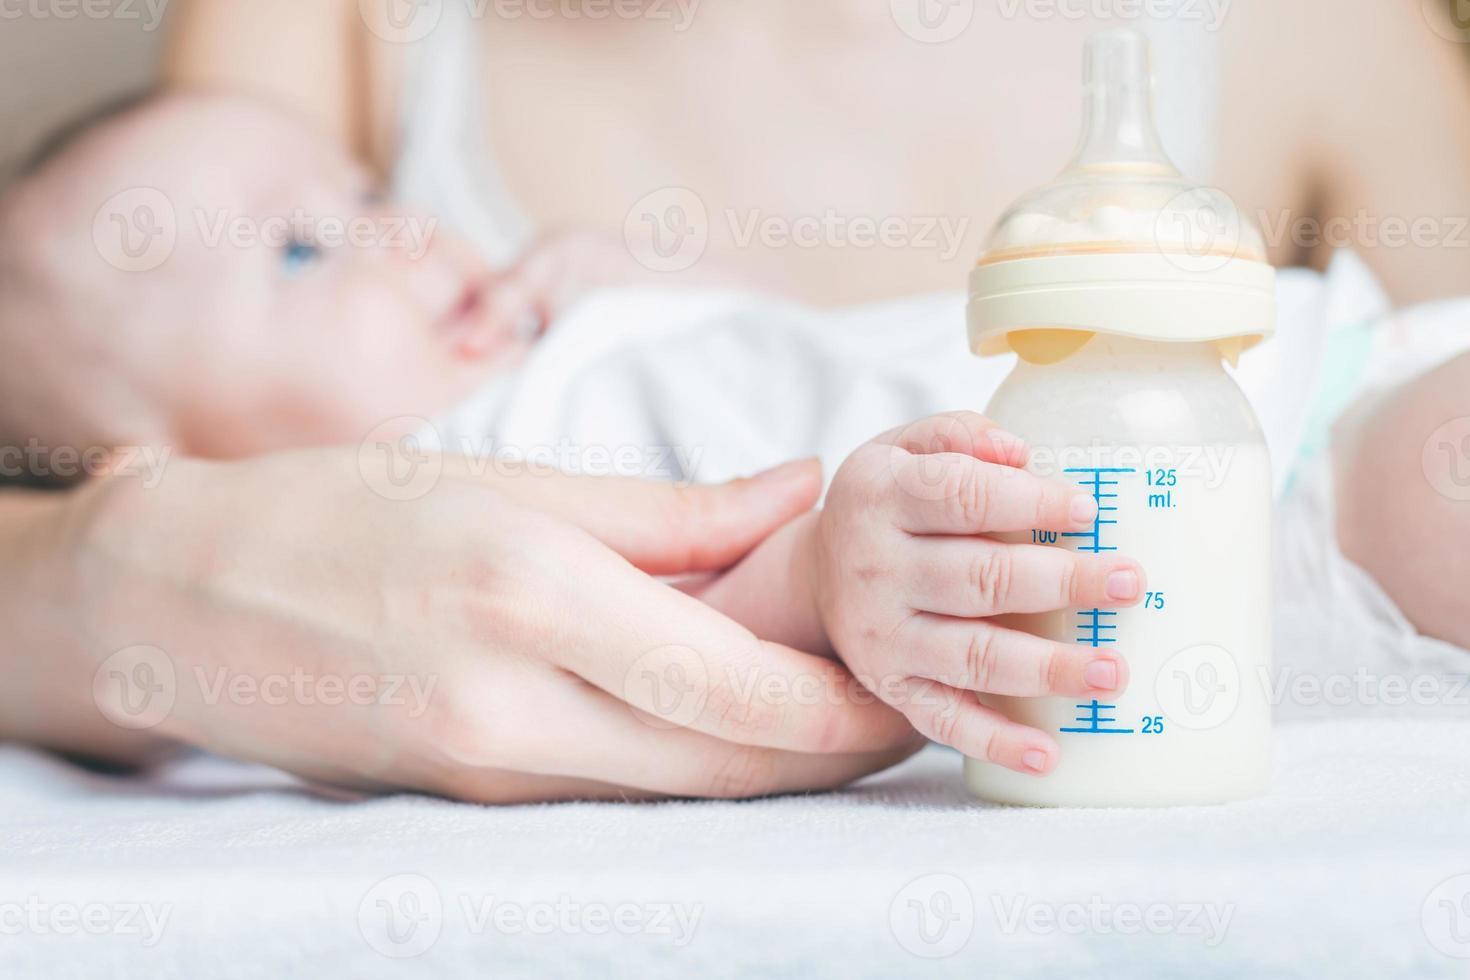 bebé sosteniendo un biberón con leche materna foto